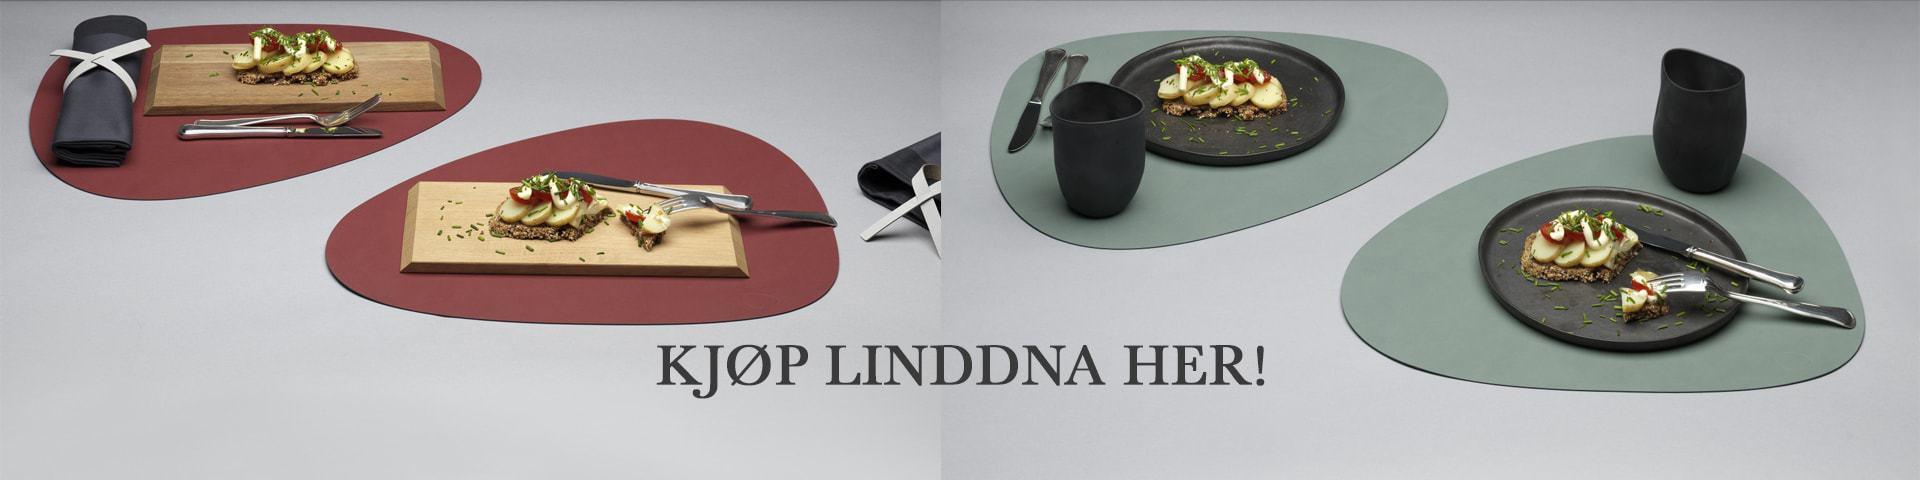 Kjøp Linddna her